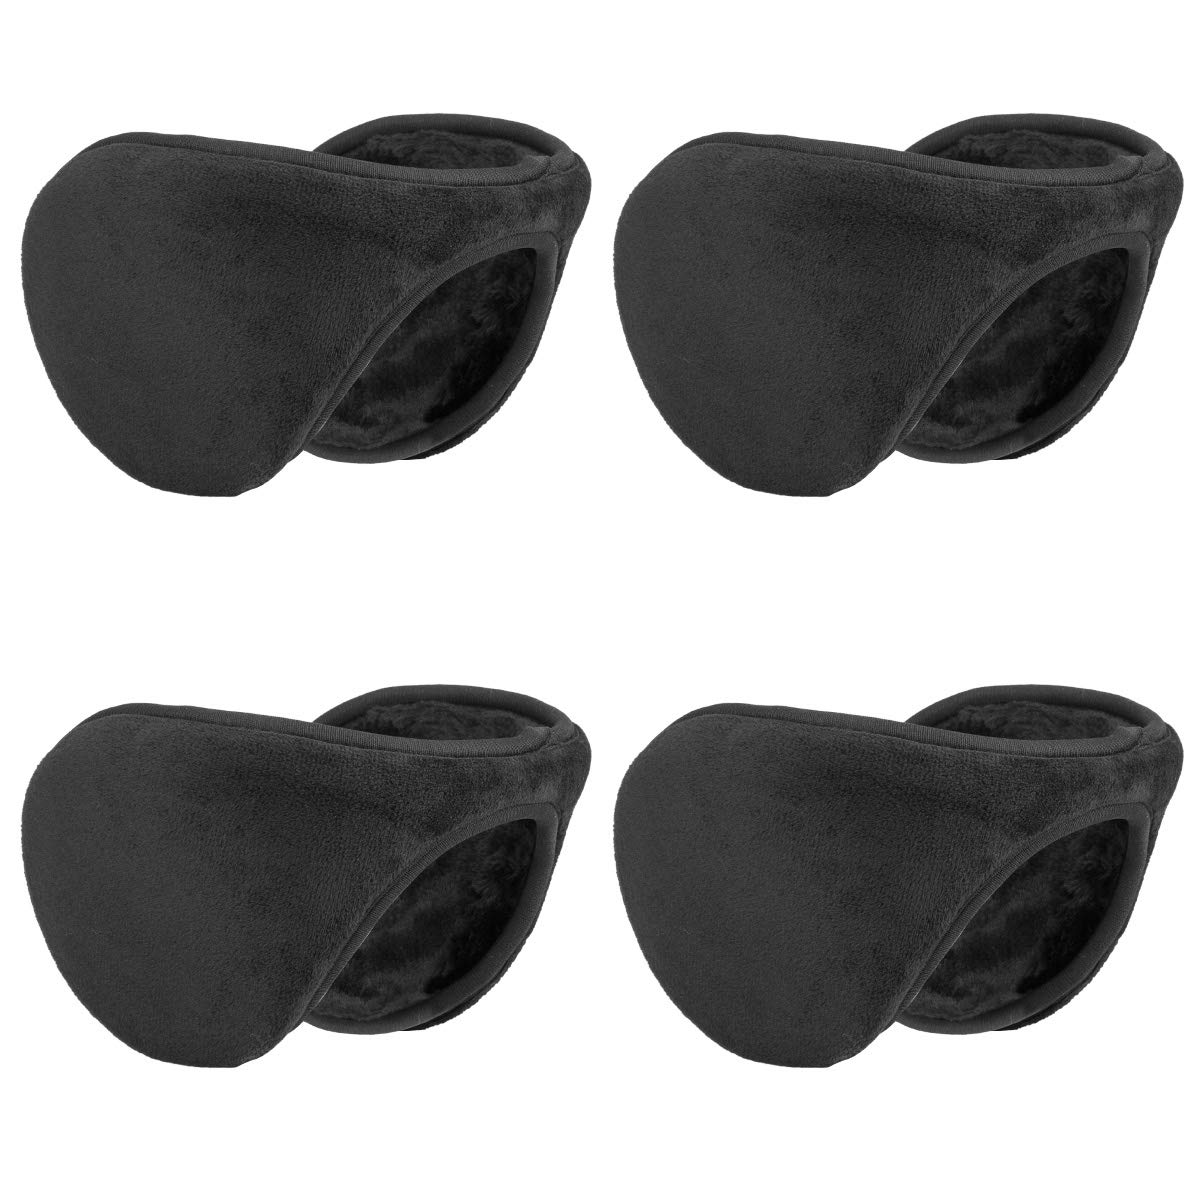 Metog Winter Outdoor Earmuffs Fleece Ear Warmer Black 4 Pack